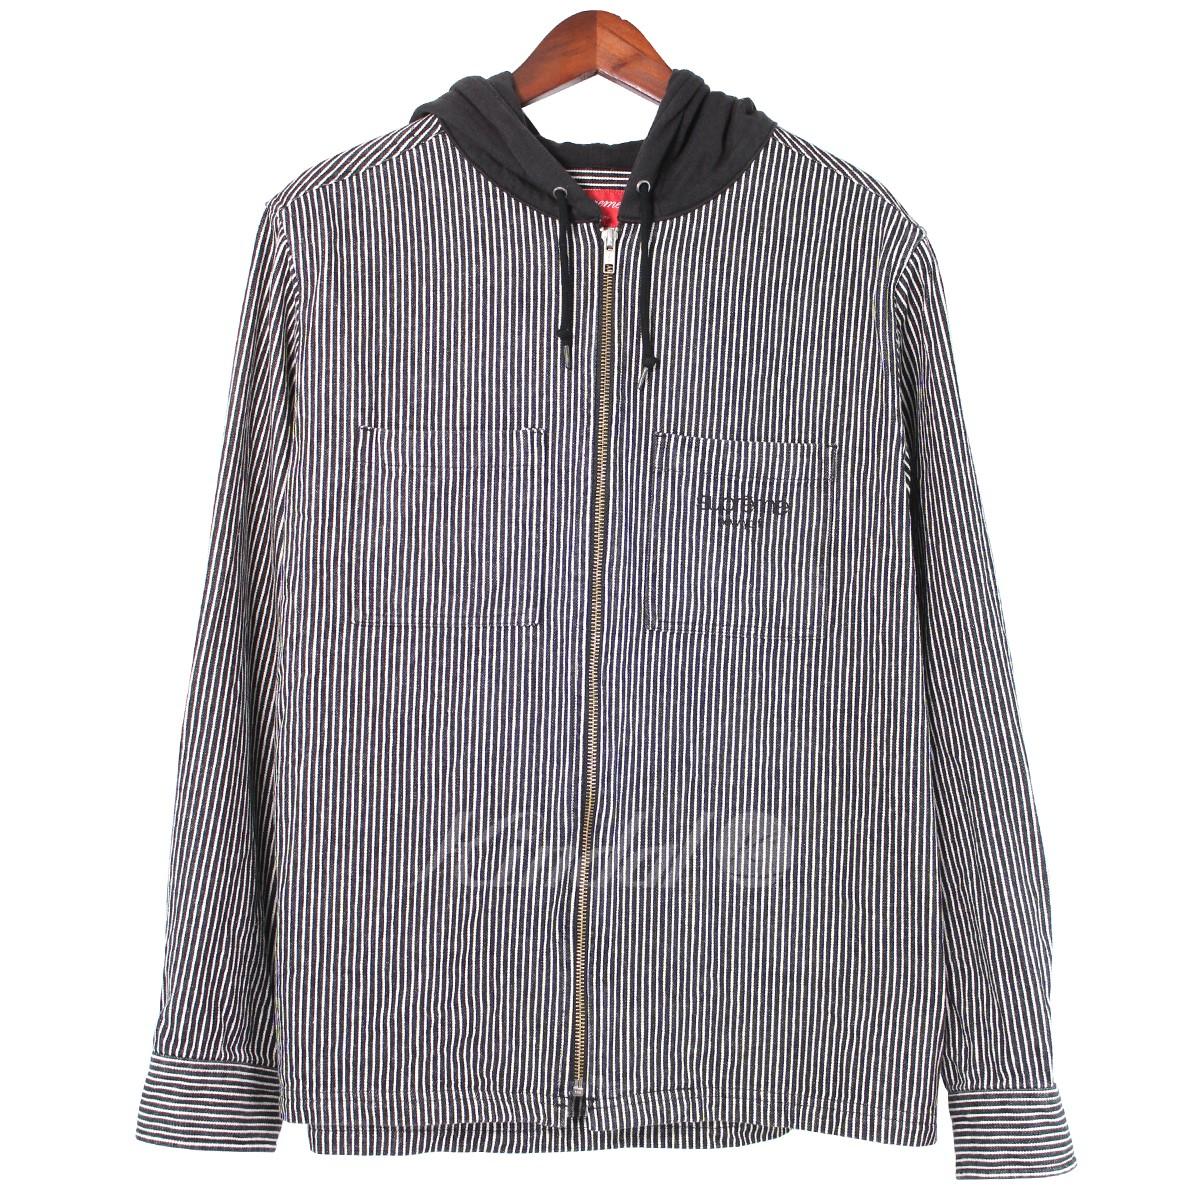 【中古】SUPREME 17AW Hooded Stripe Denim Zip Up Shirt クラシックロゴ 【送料無料】 【003728】 【KJ1368】